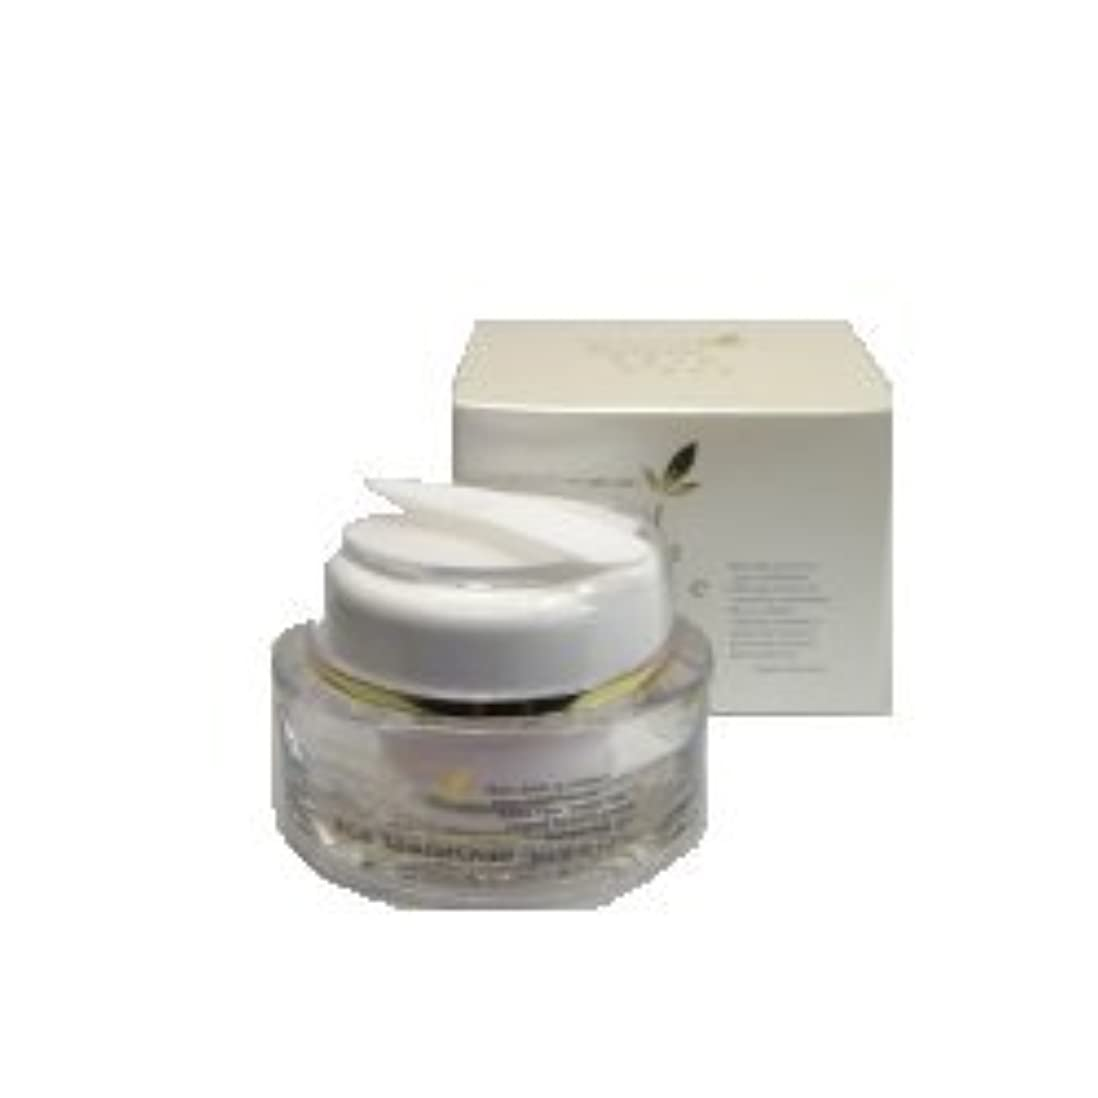 インフルエンザ綺麗なスパイR-Cellリセルオールインゲルクリーム33g